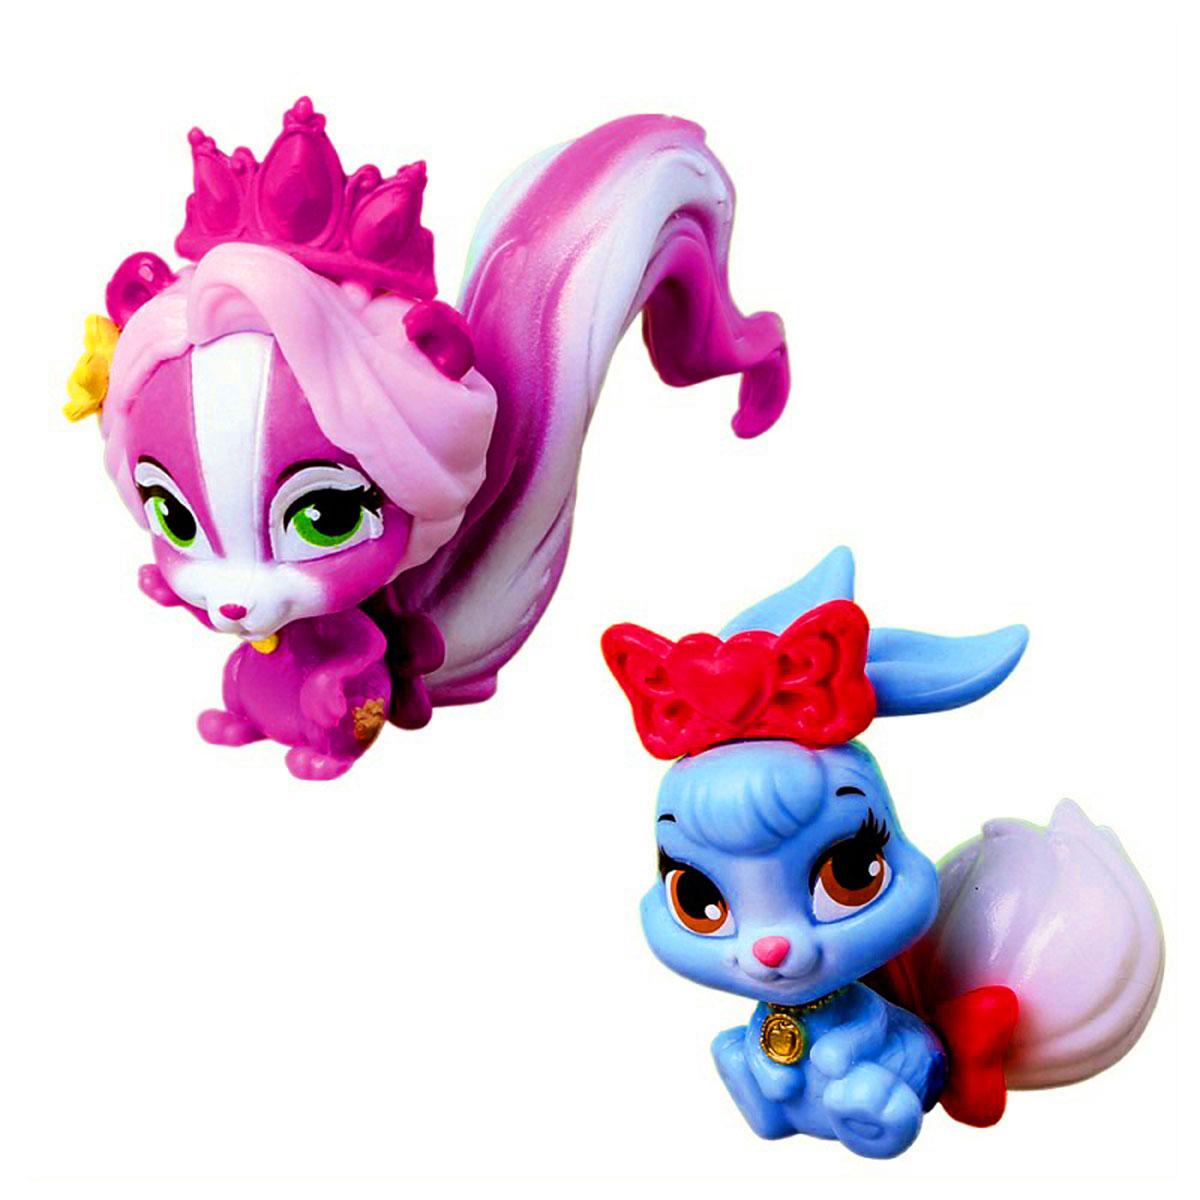 Disney Princess Набор фигурок Ягодка и Полянка набор фигурок squinkies disney princess cinderela